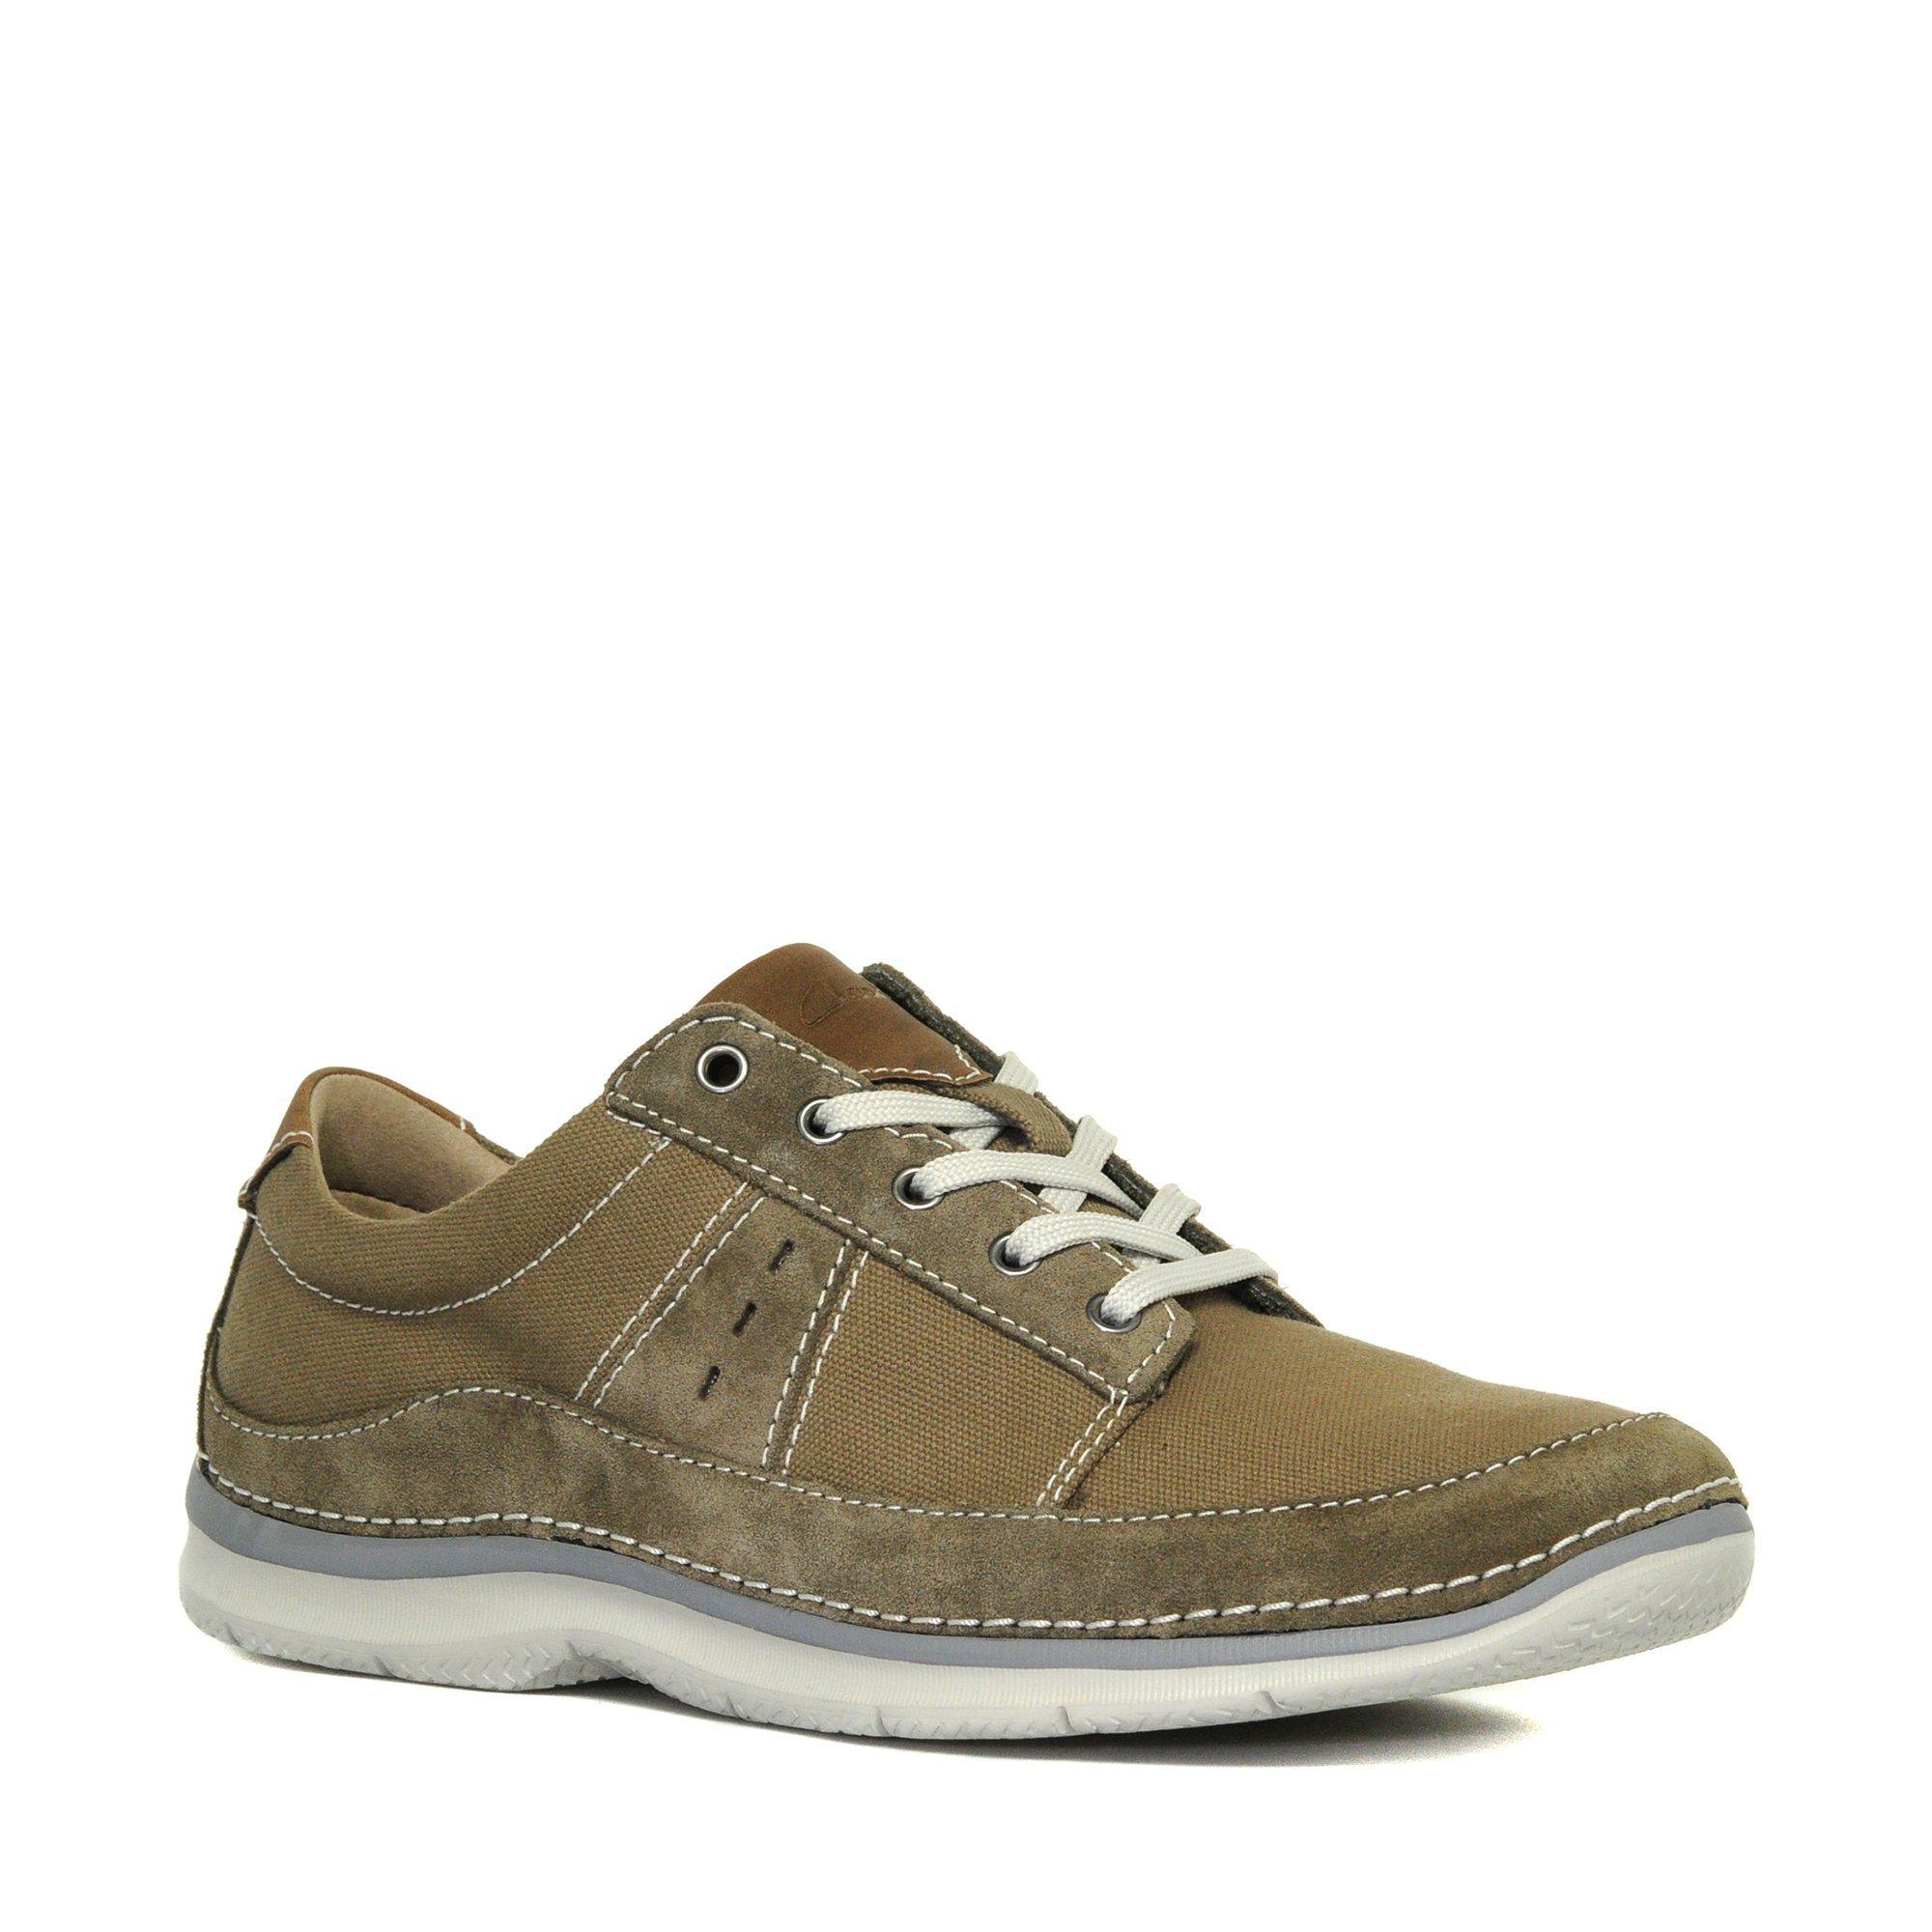 Clarks Mens Ripton Plain Casual Shoes Khaki